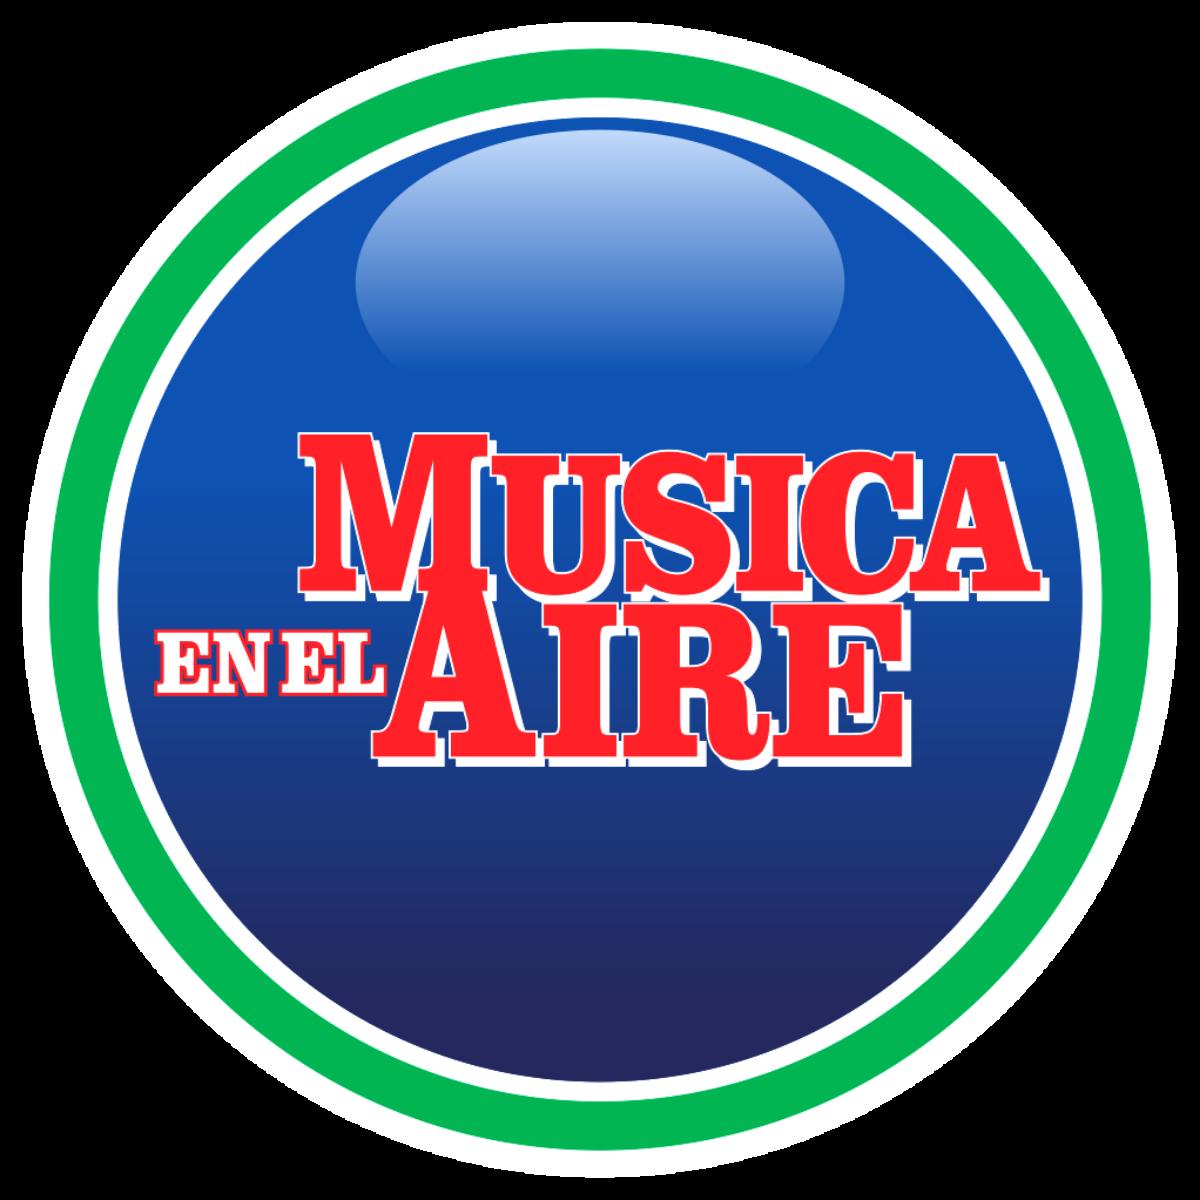 https://musicaenelaire.net/wp-content/uploads/2021/07/MUSICA-EN-EL-AIRE-Logo-PNG.png